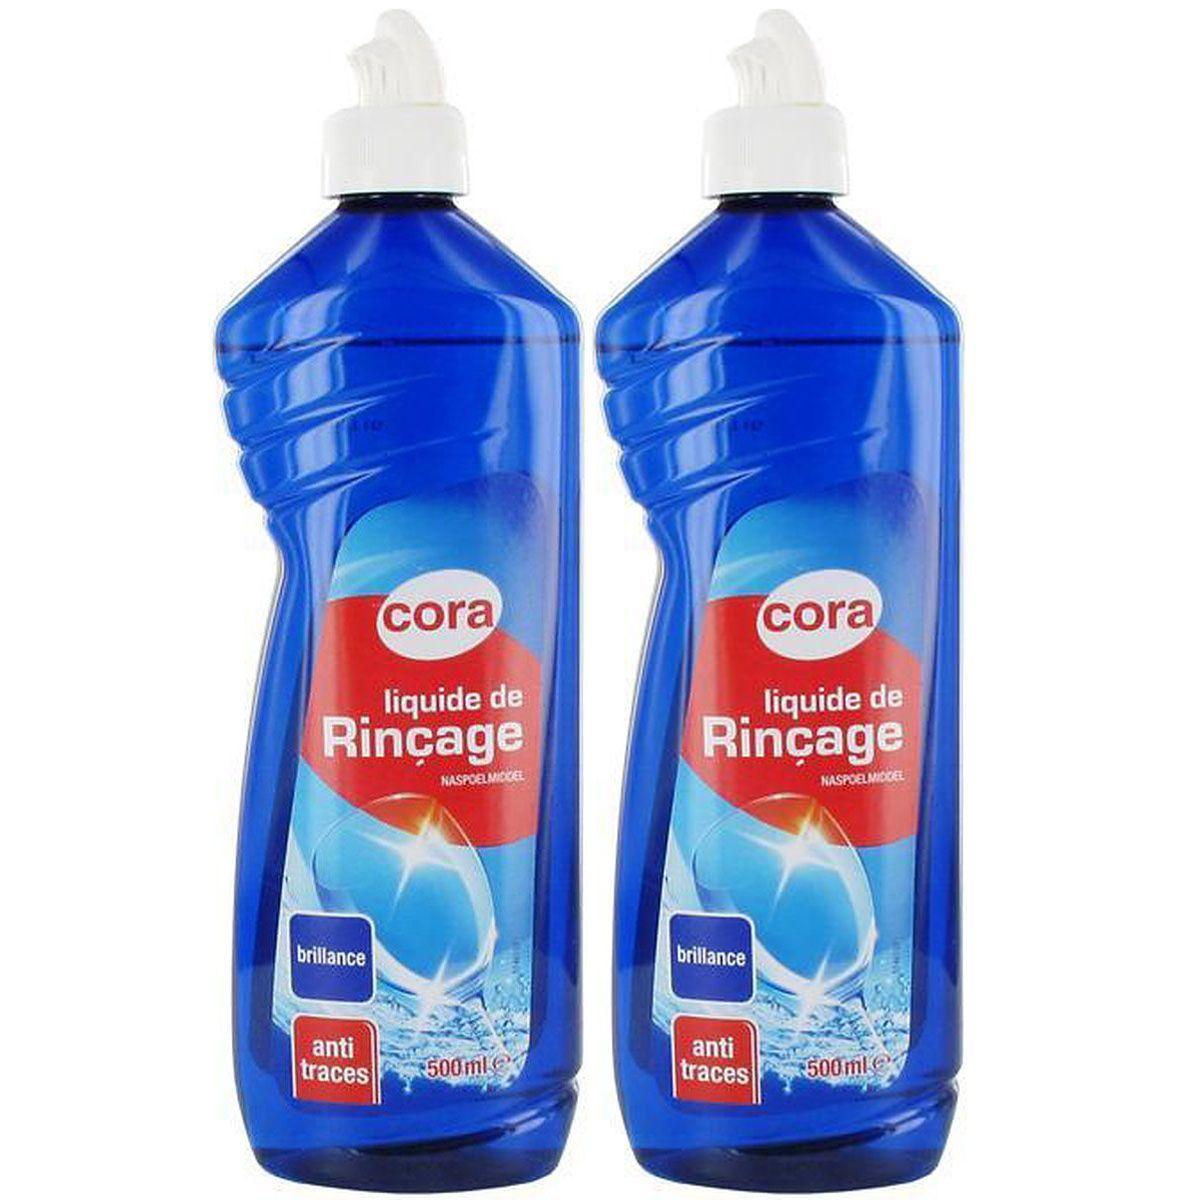 cora liquide de rinçage lave vaisselle, lot de 2x500ml : houra.fr